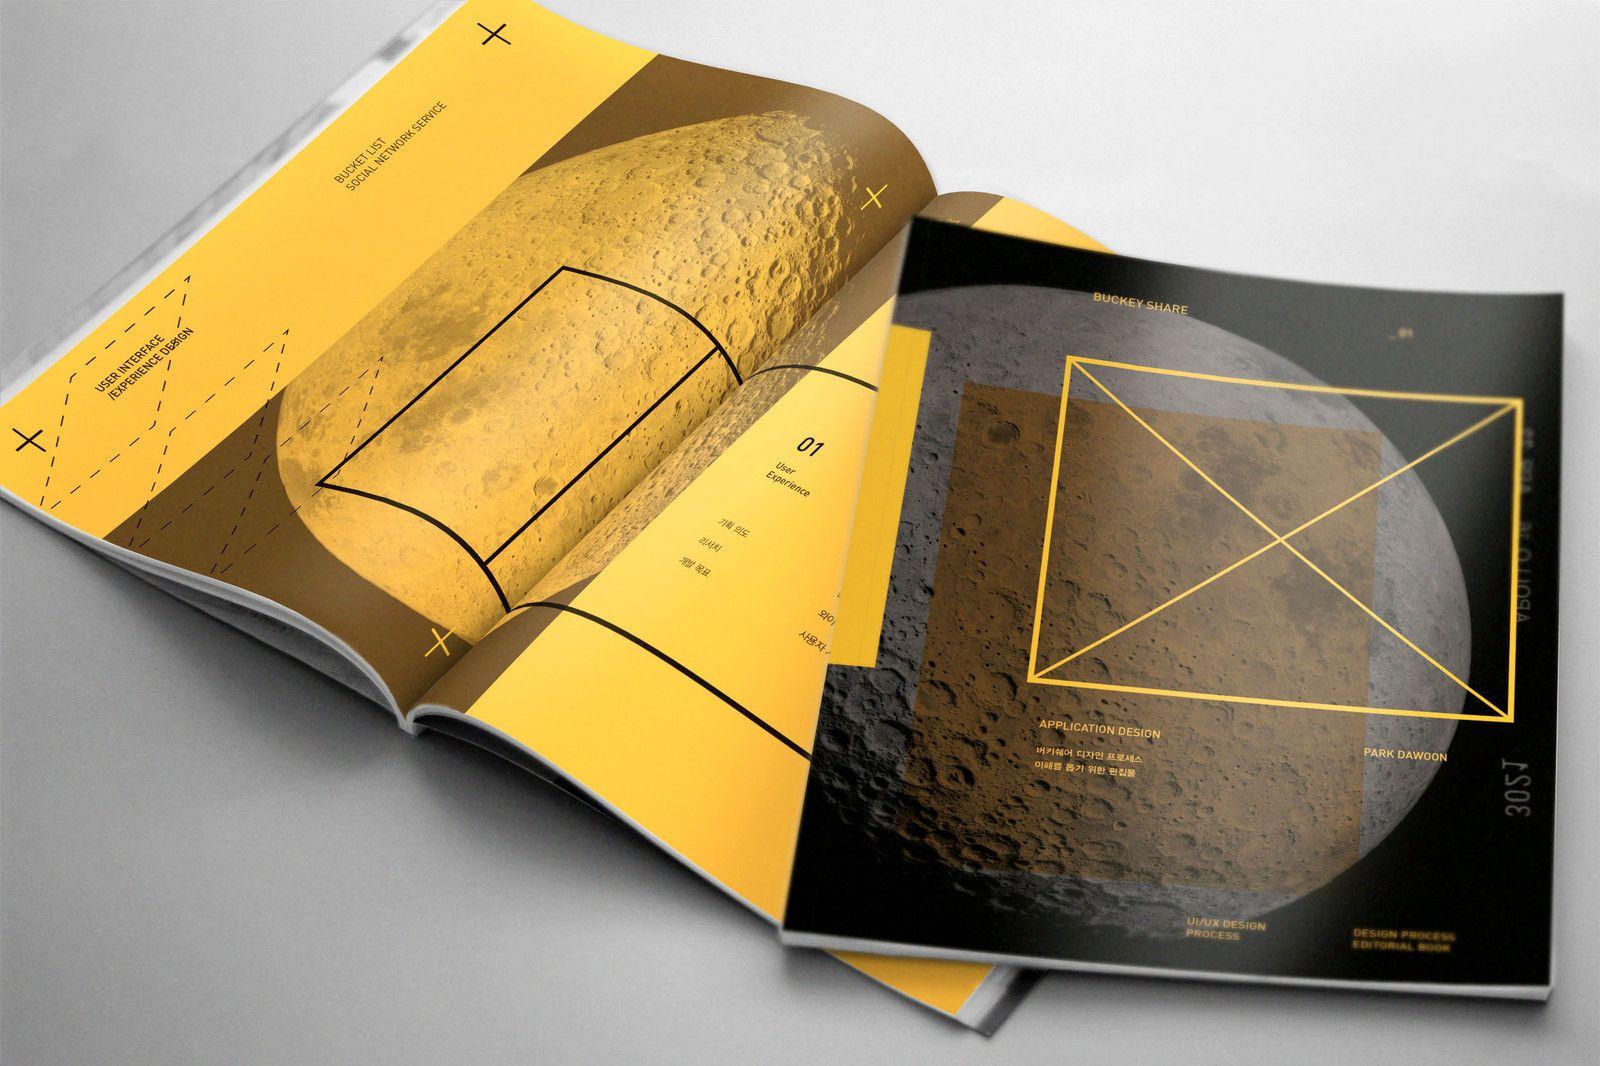 BuckeyShare process book - 그래픽 디자인, 브랜딩/편집 | 그래픽 디자인, 디자인, 그래픽